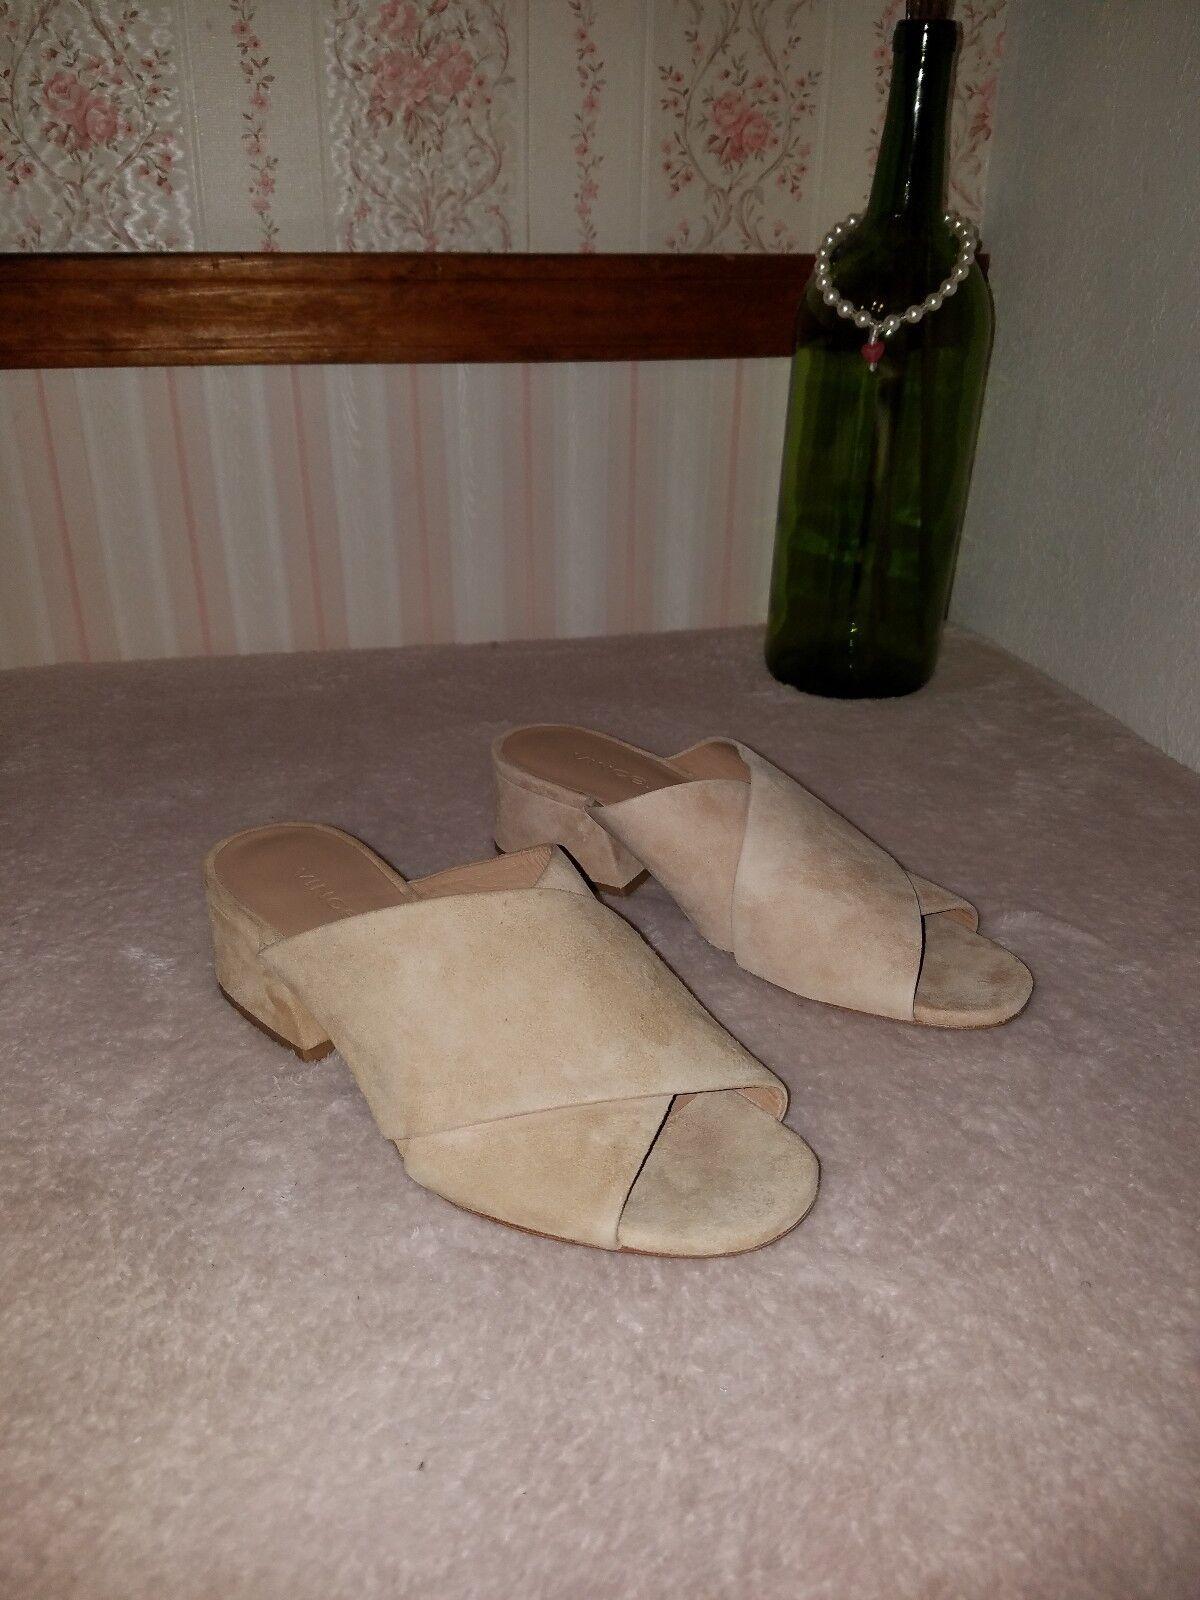 Vince Karsen Open Mule apricot Leather Suede Sandals shoes 6 M beige tan  275